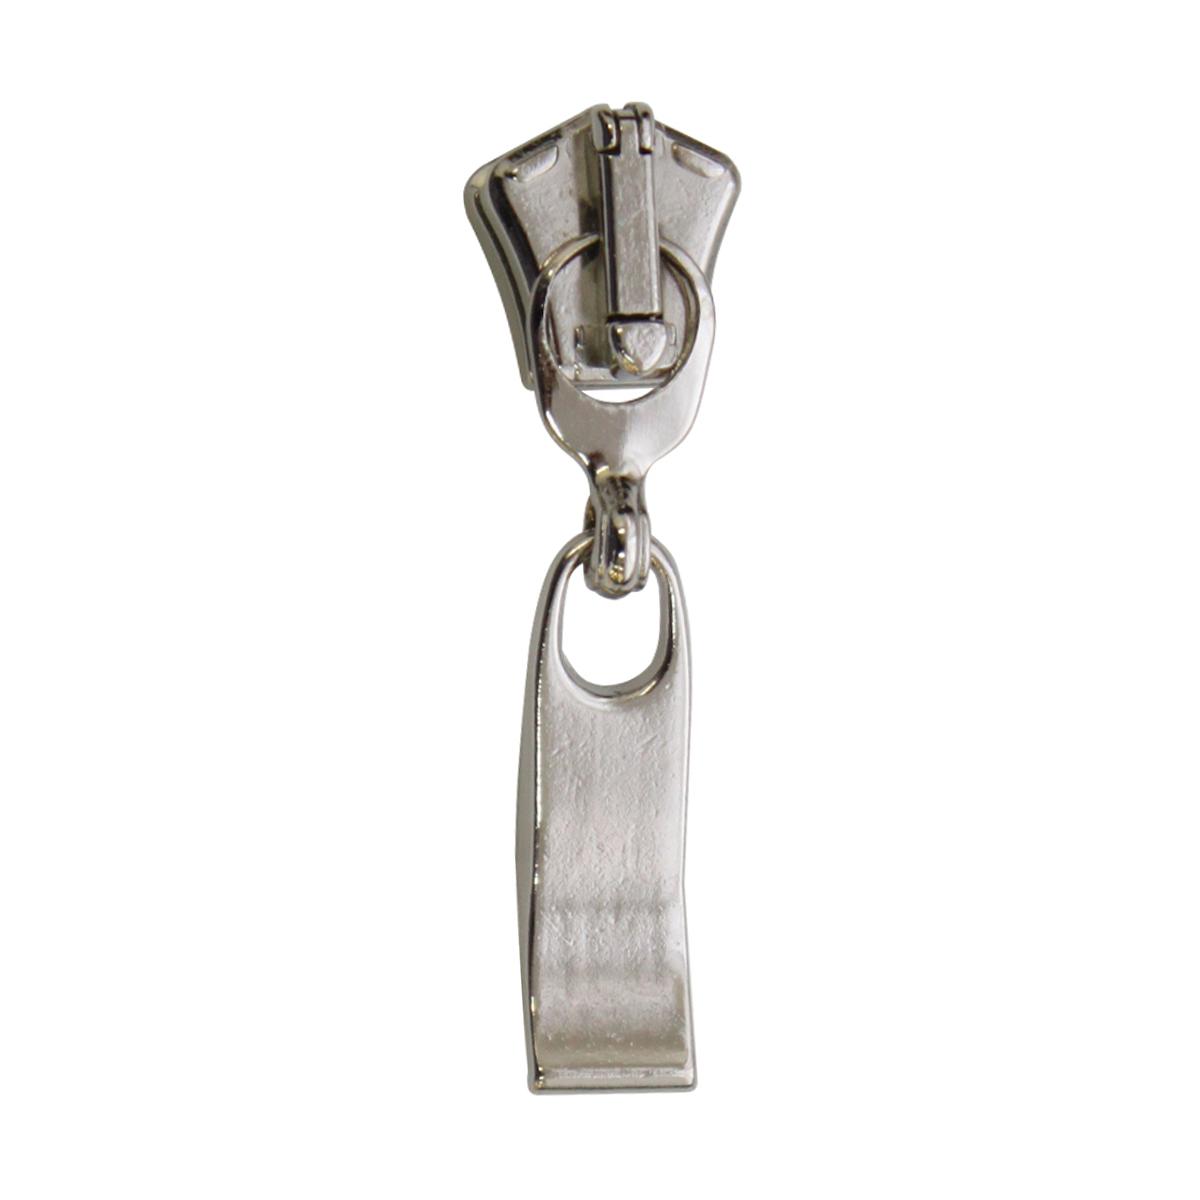 Слайдер ZL6C.490, Т10 (6мм), никель Arta-F